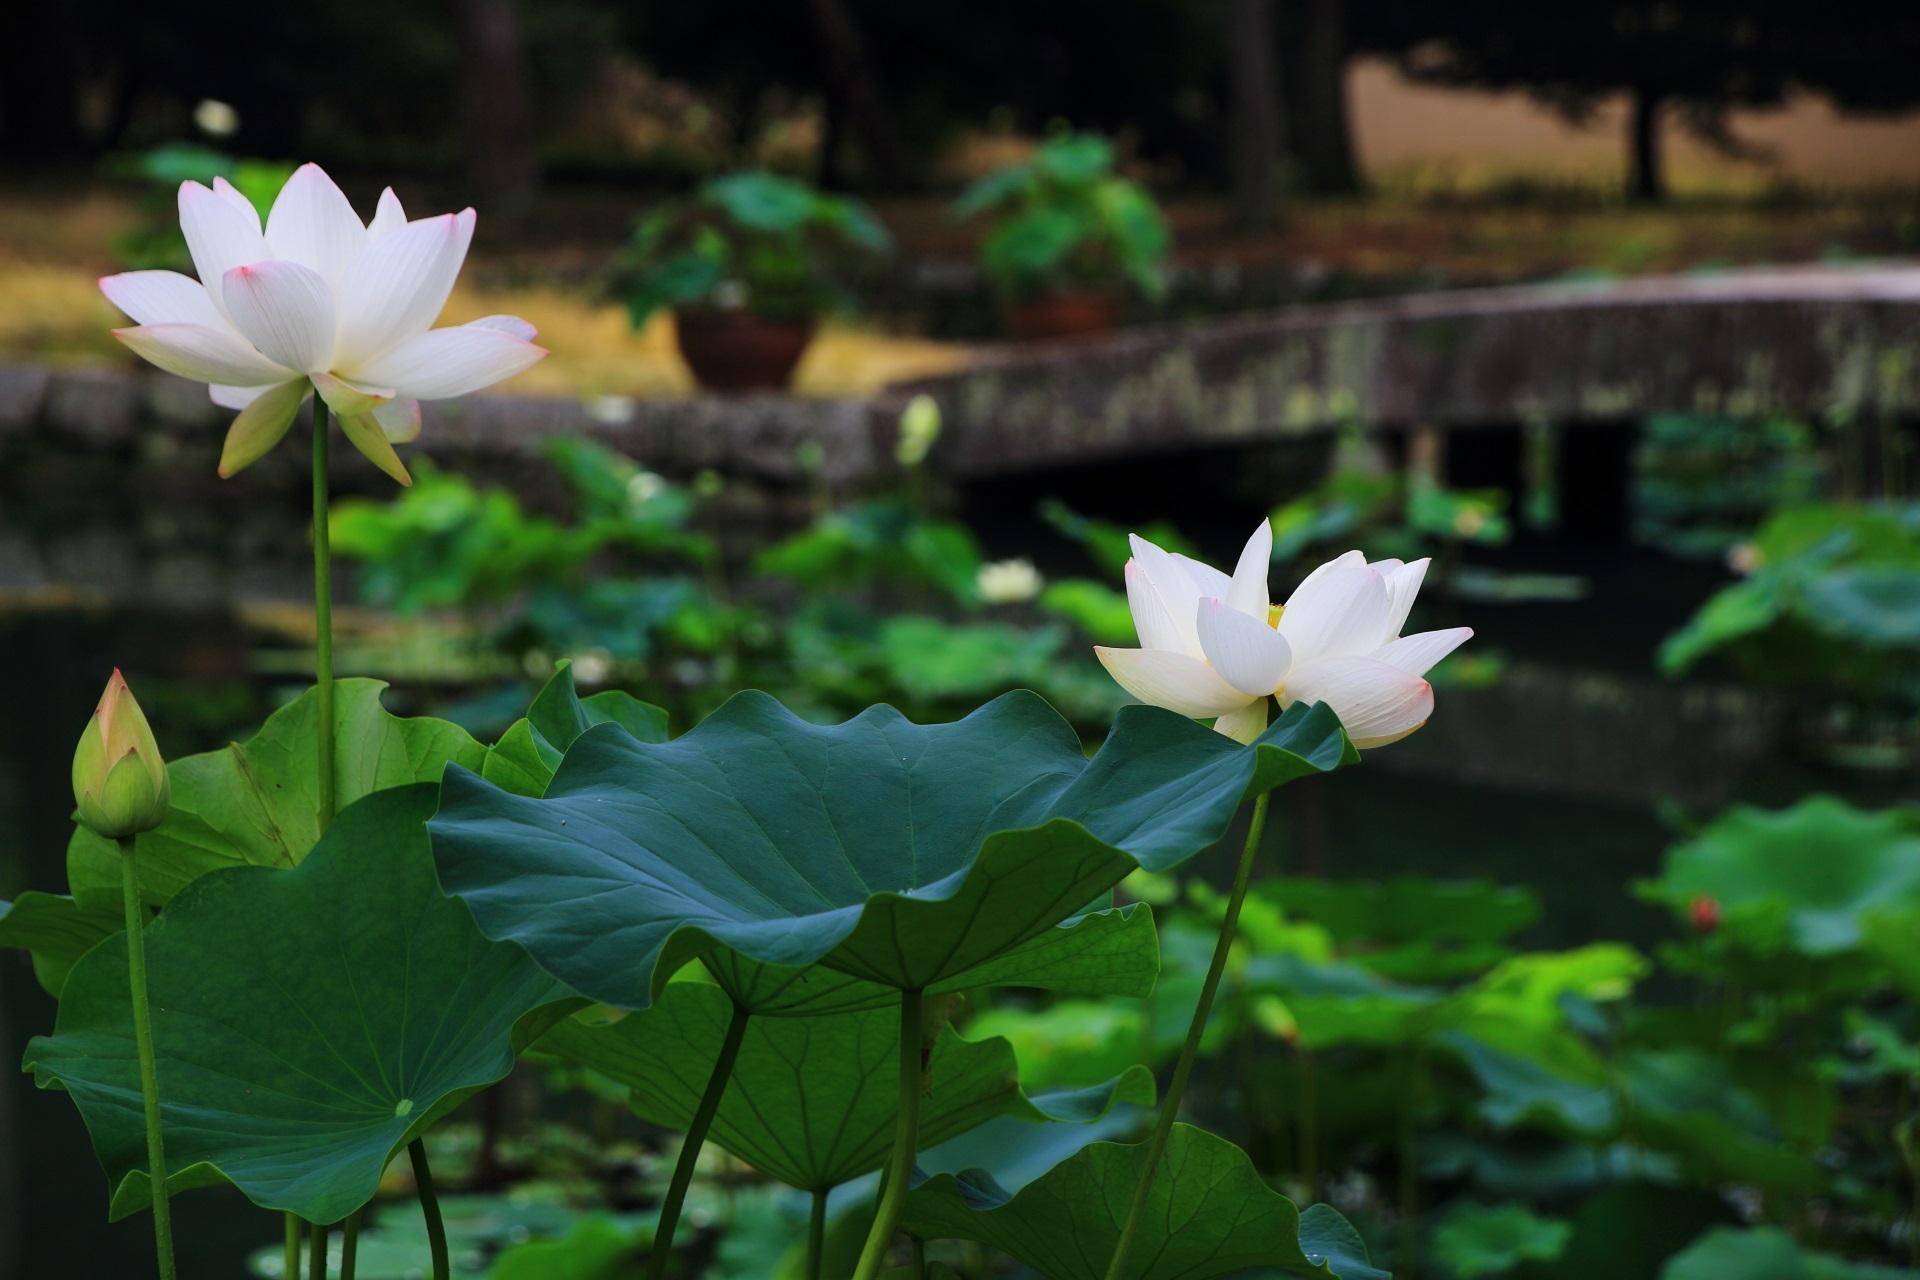 ゆるい光が演出する柔らかな蓮の風景